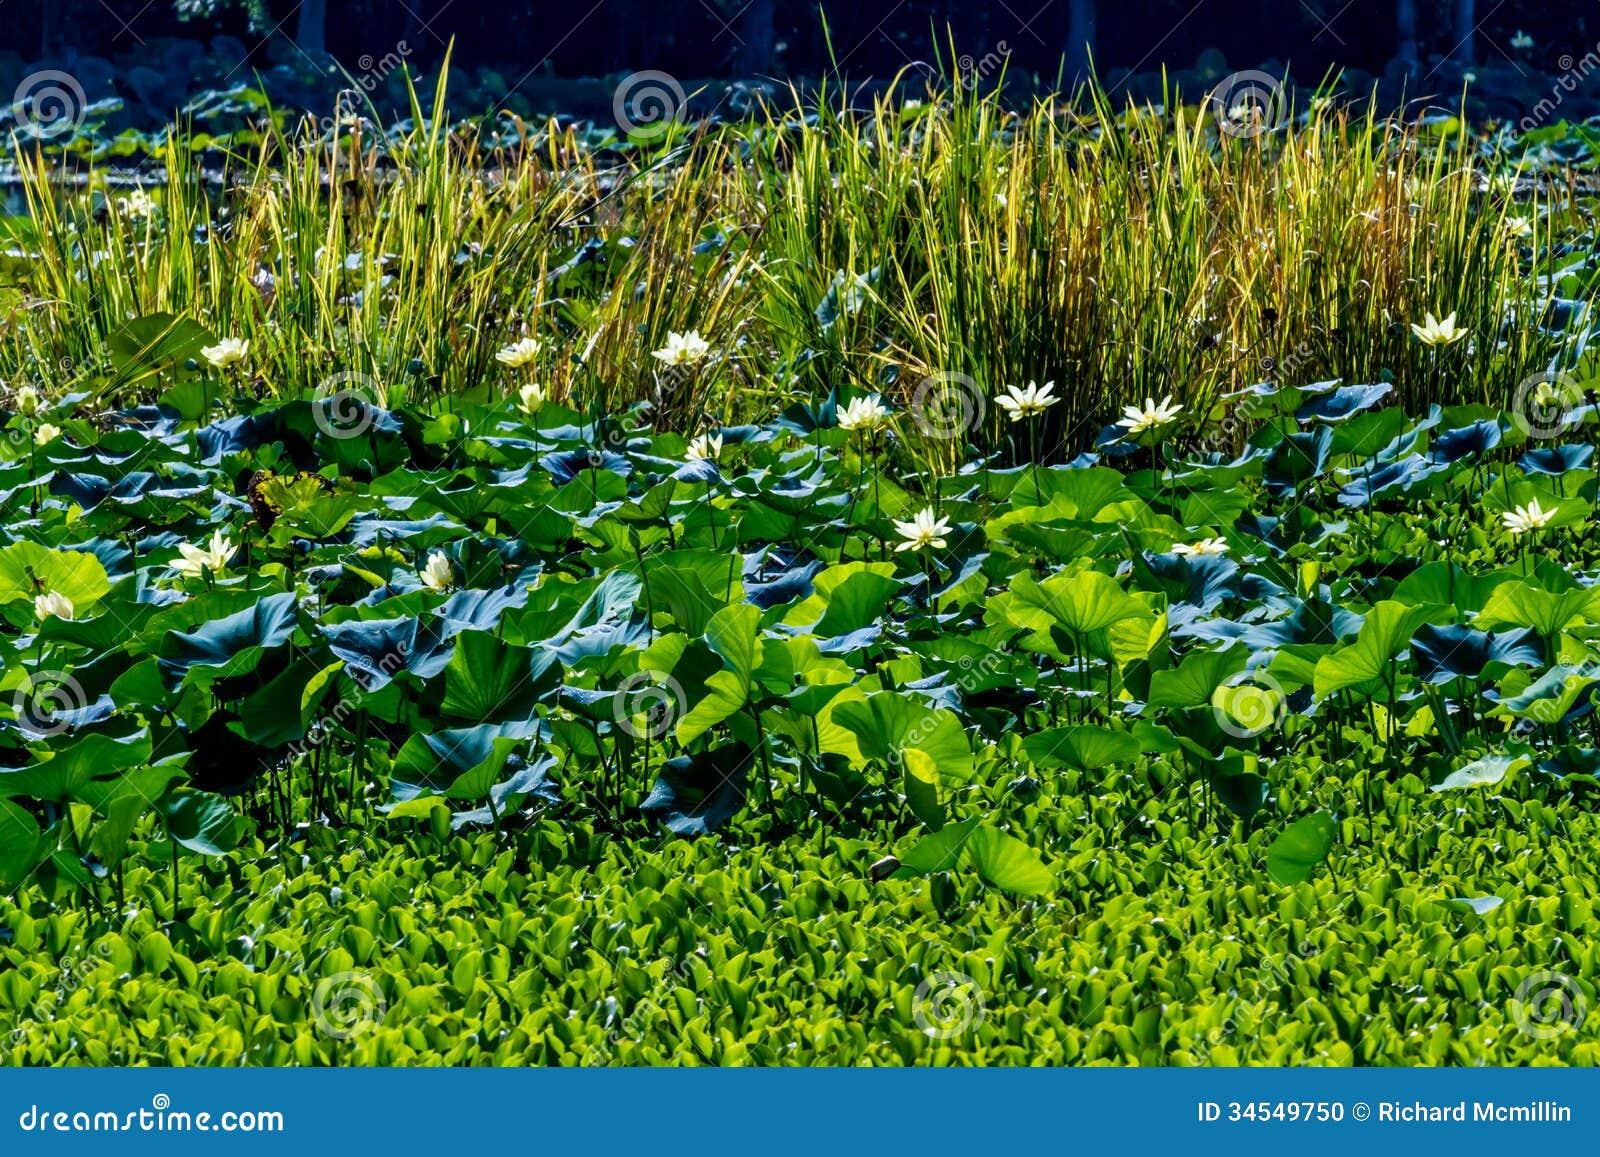 Lotus Water Lily Pad Flowers amarela de florescência bonita e outras estações de tratamento de água